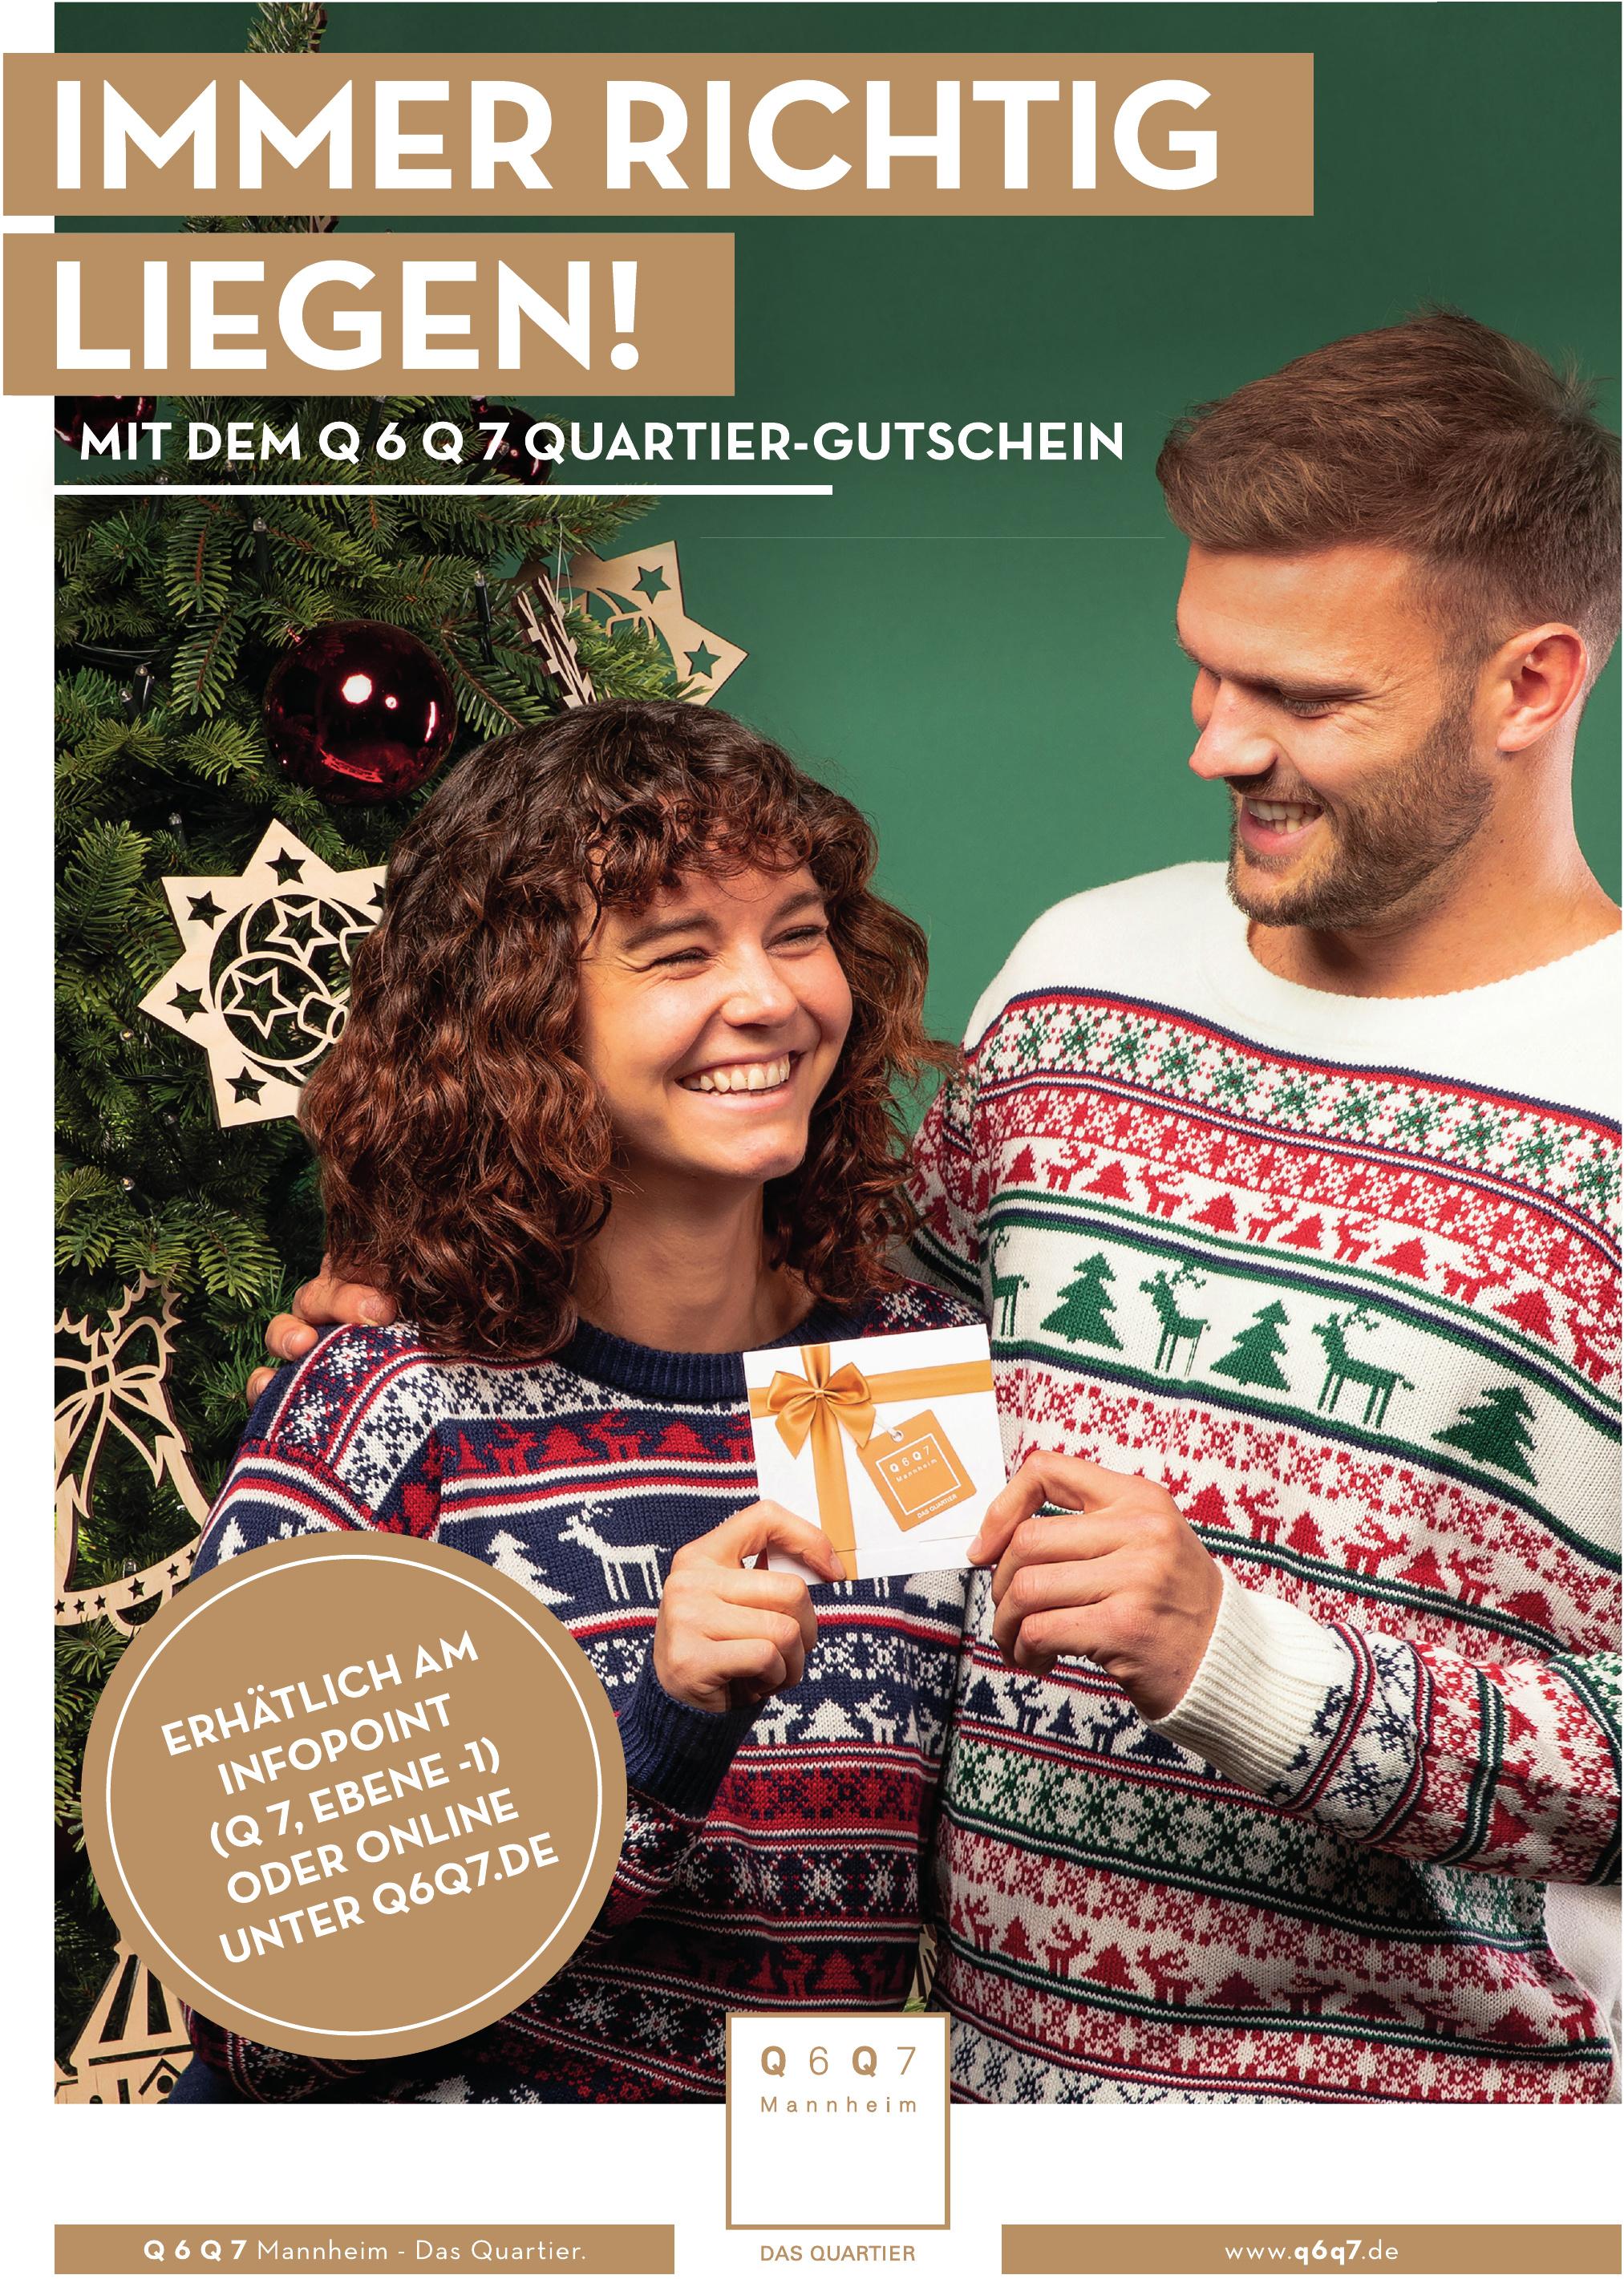 Q 6 Q 7 Mannheim - Das Quartier